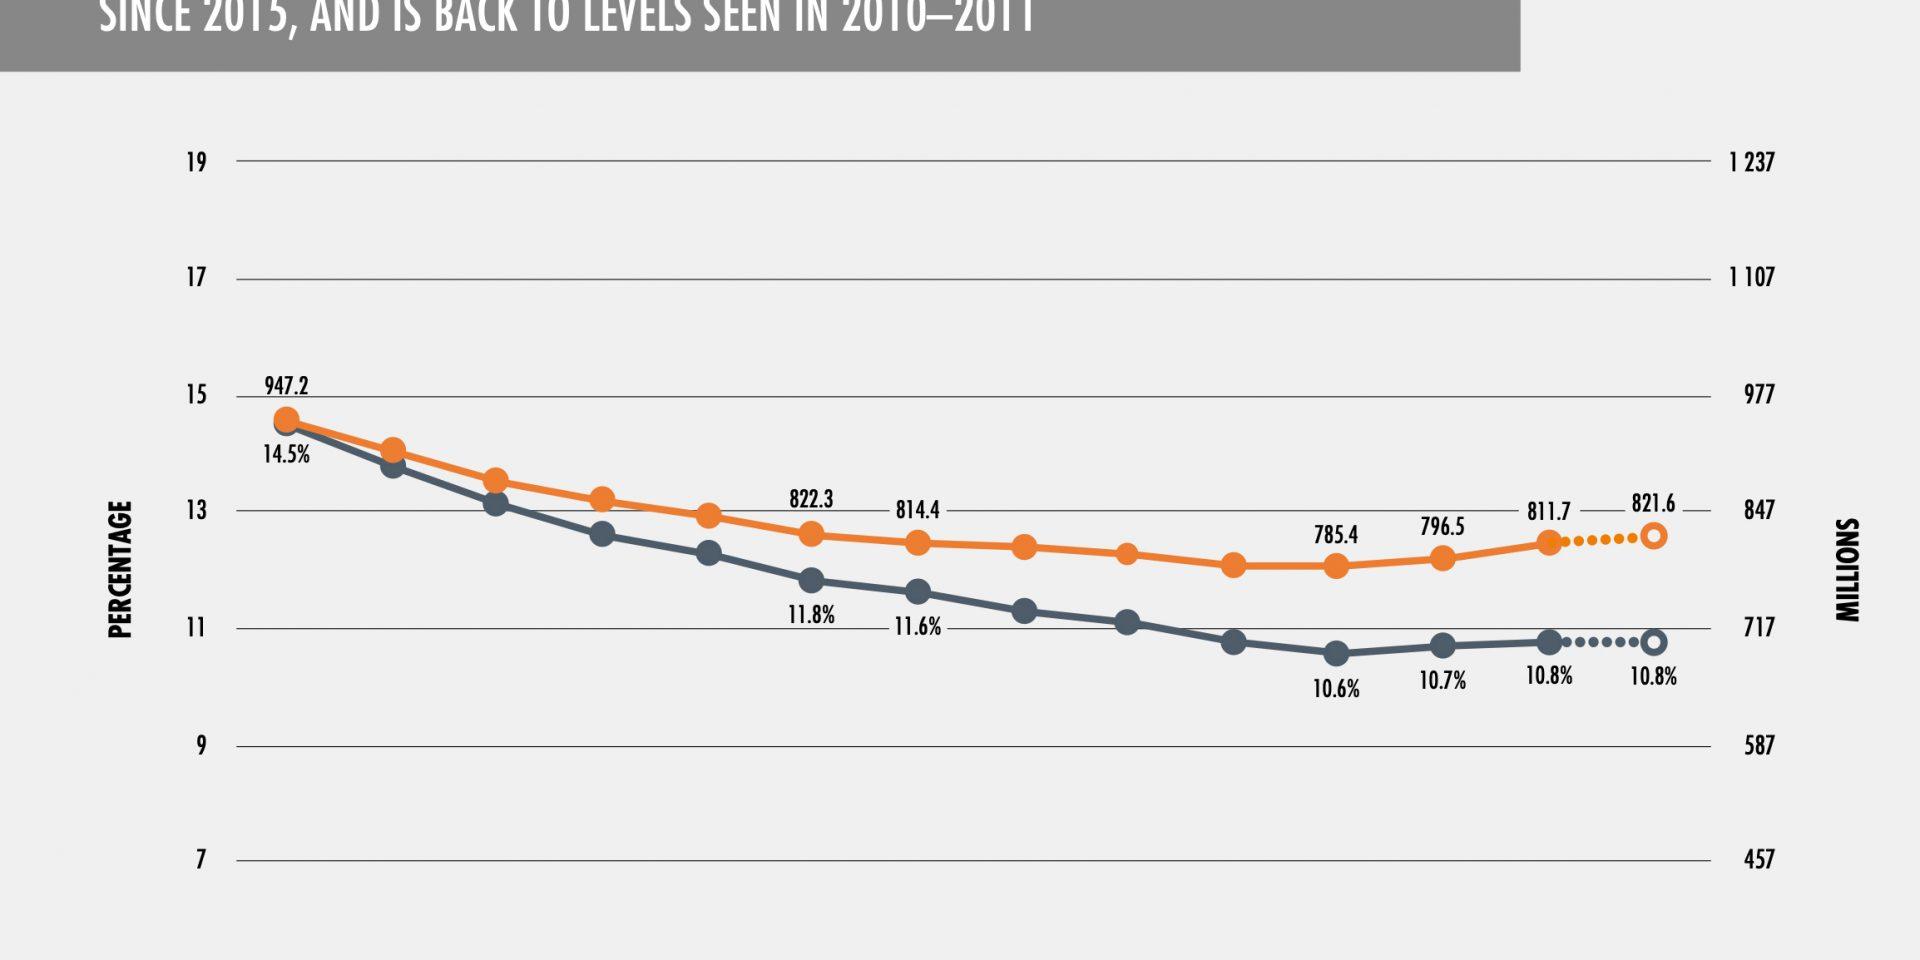 Det senaste fem åren har antalet undernärda människor i världen har ökat och ligger idag på samma nivåer som 2010-2011.